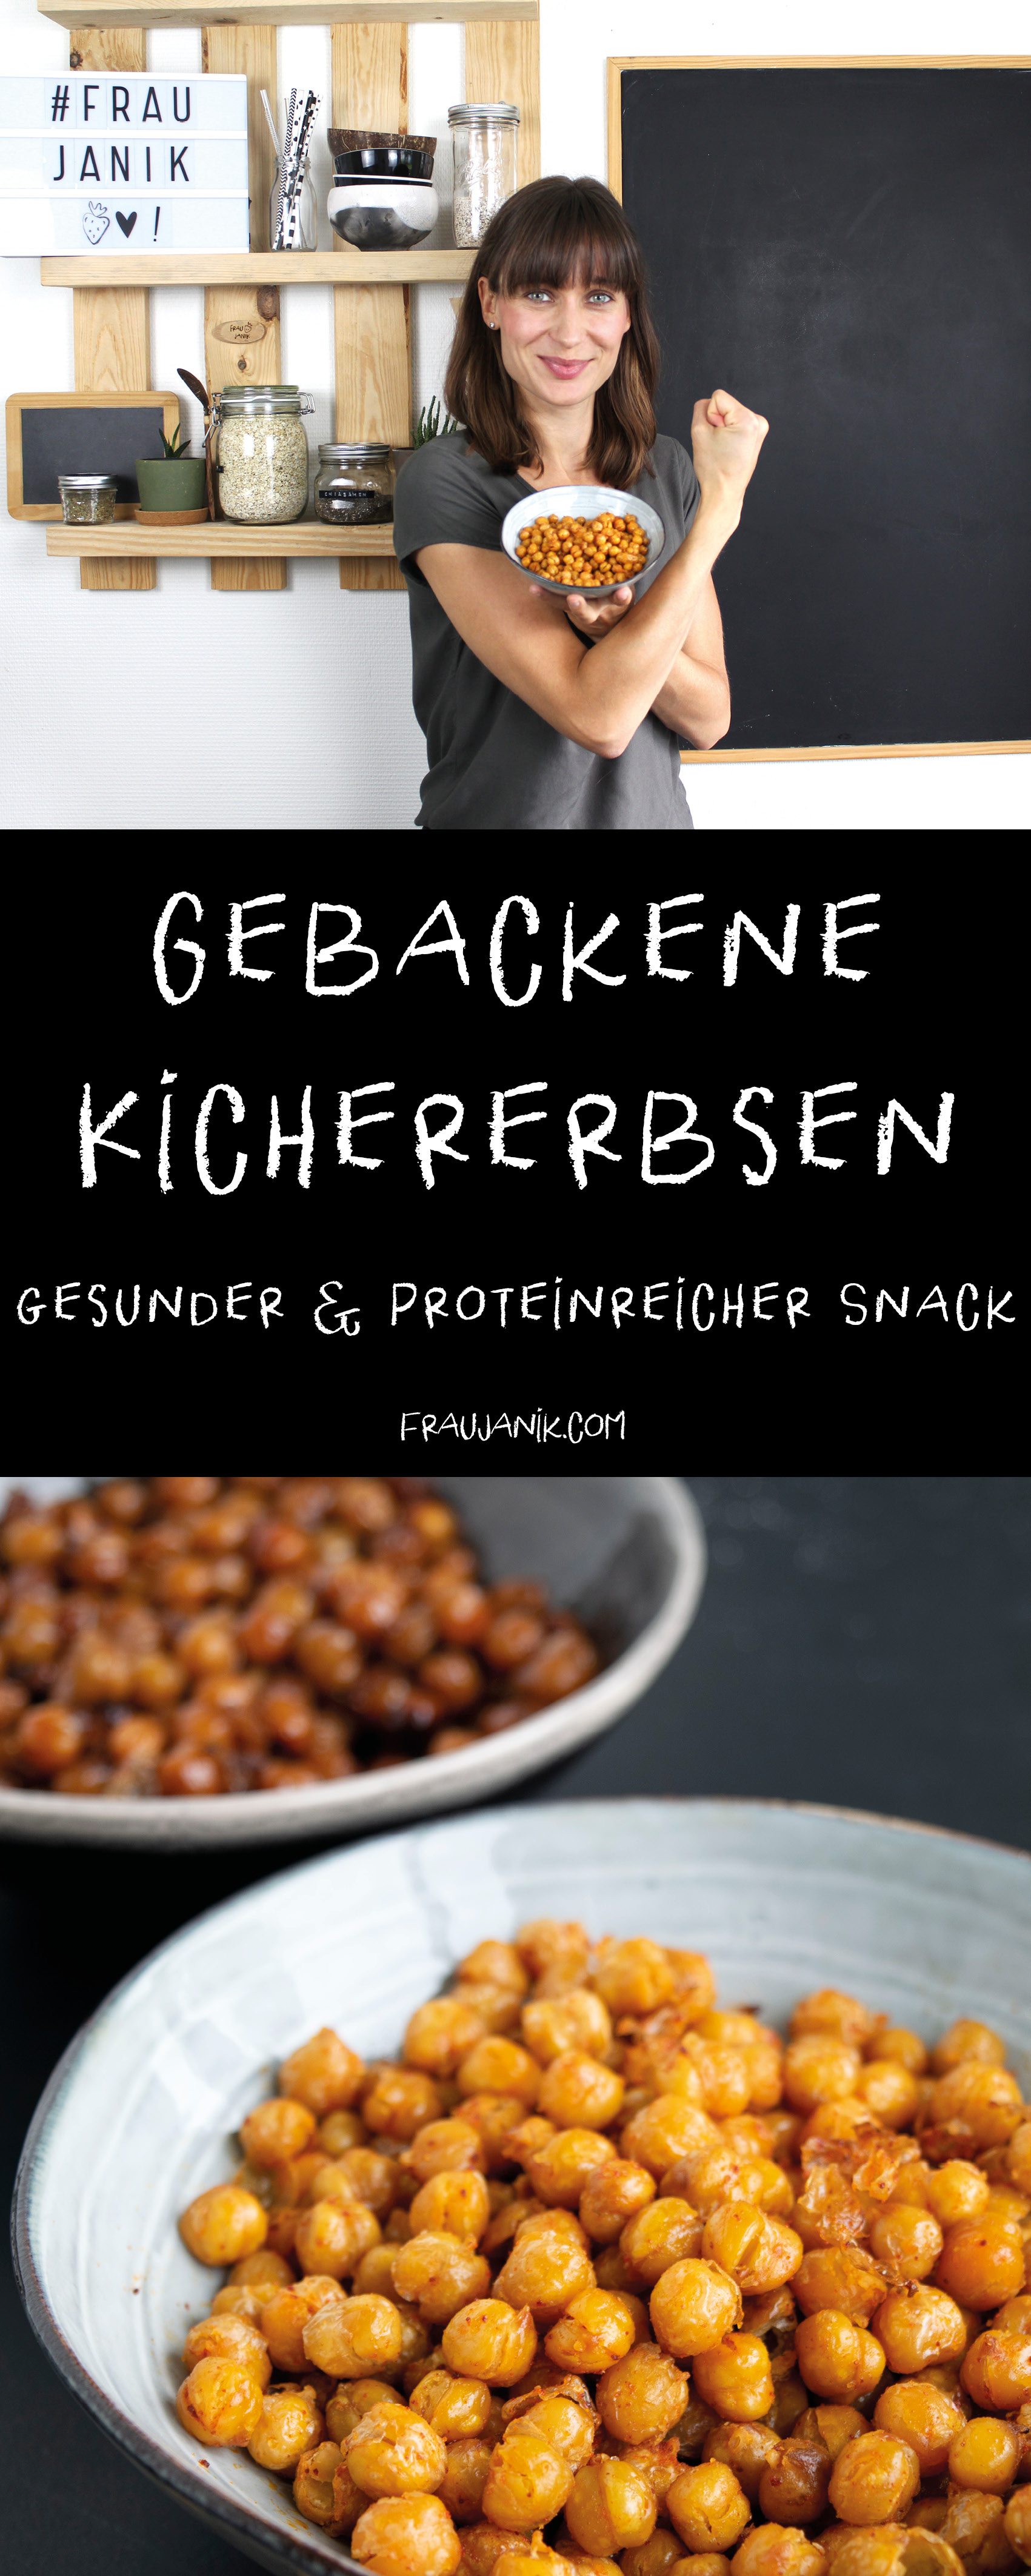 gebackene Kichererbsen | gesunder Proteinsnack, frau janik